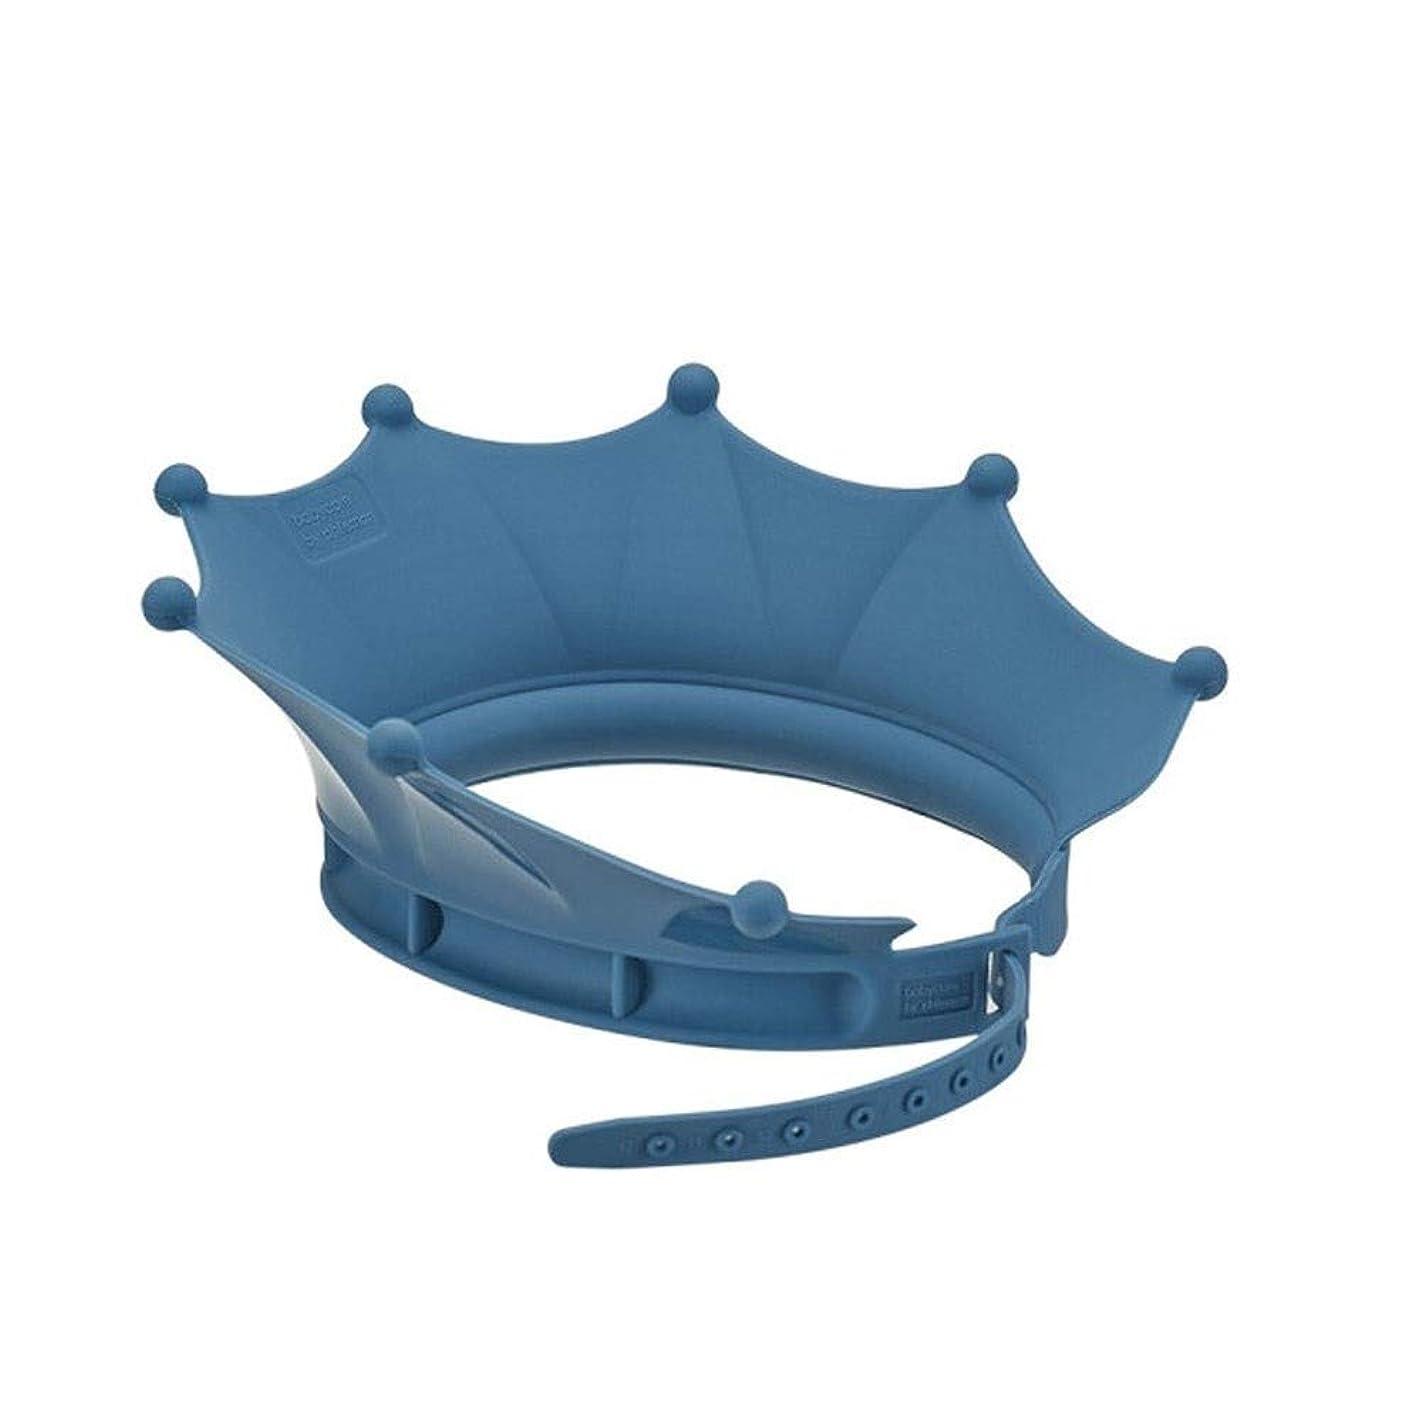 険しい弾力性のある所得XFHA キャップ、調節可能なシリコーンシャワーキャップ、シャンプー耳の保護シャワーキャップ、防水シャワーキャップ、ブルーシャワー シンプルで実用的な製品 (Color : Blue)